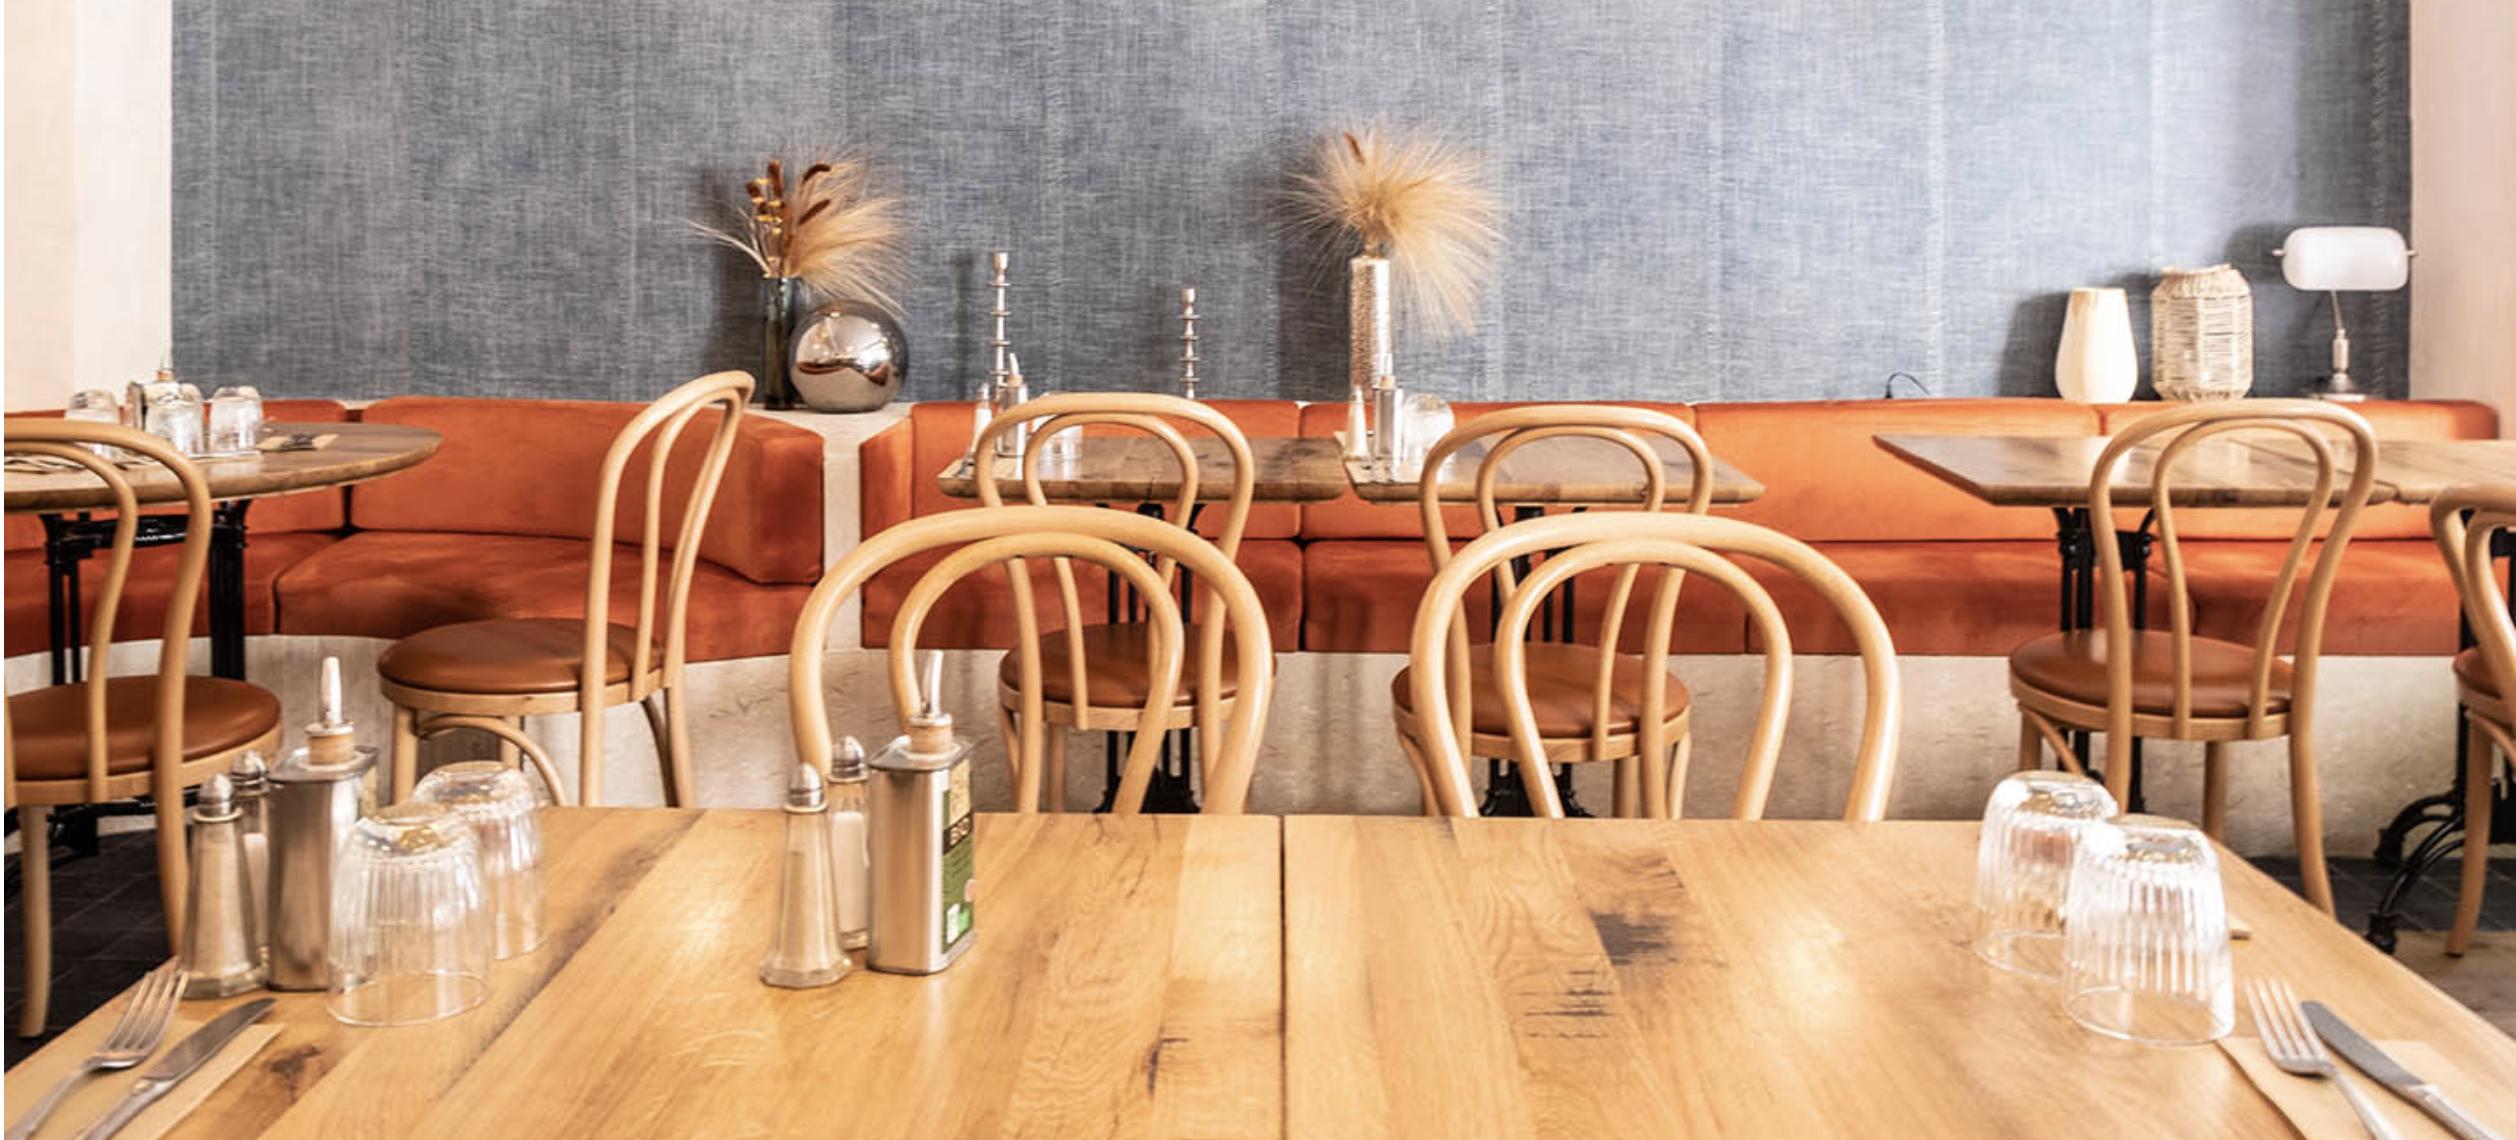 client-restaurant-tiller